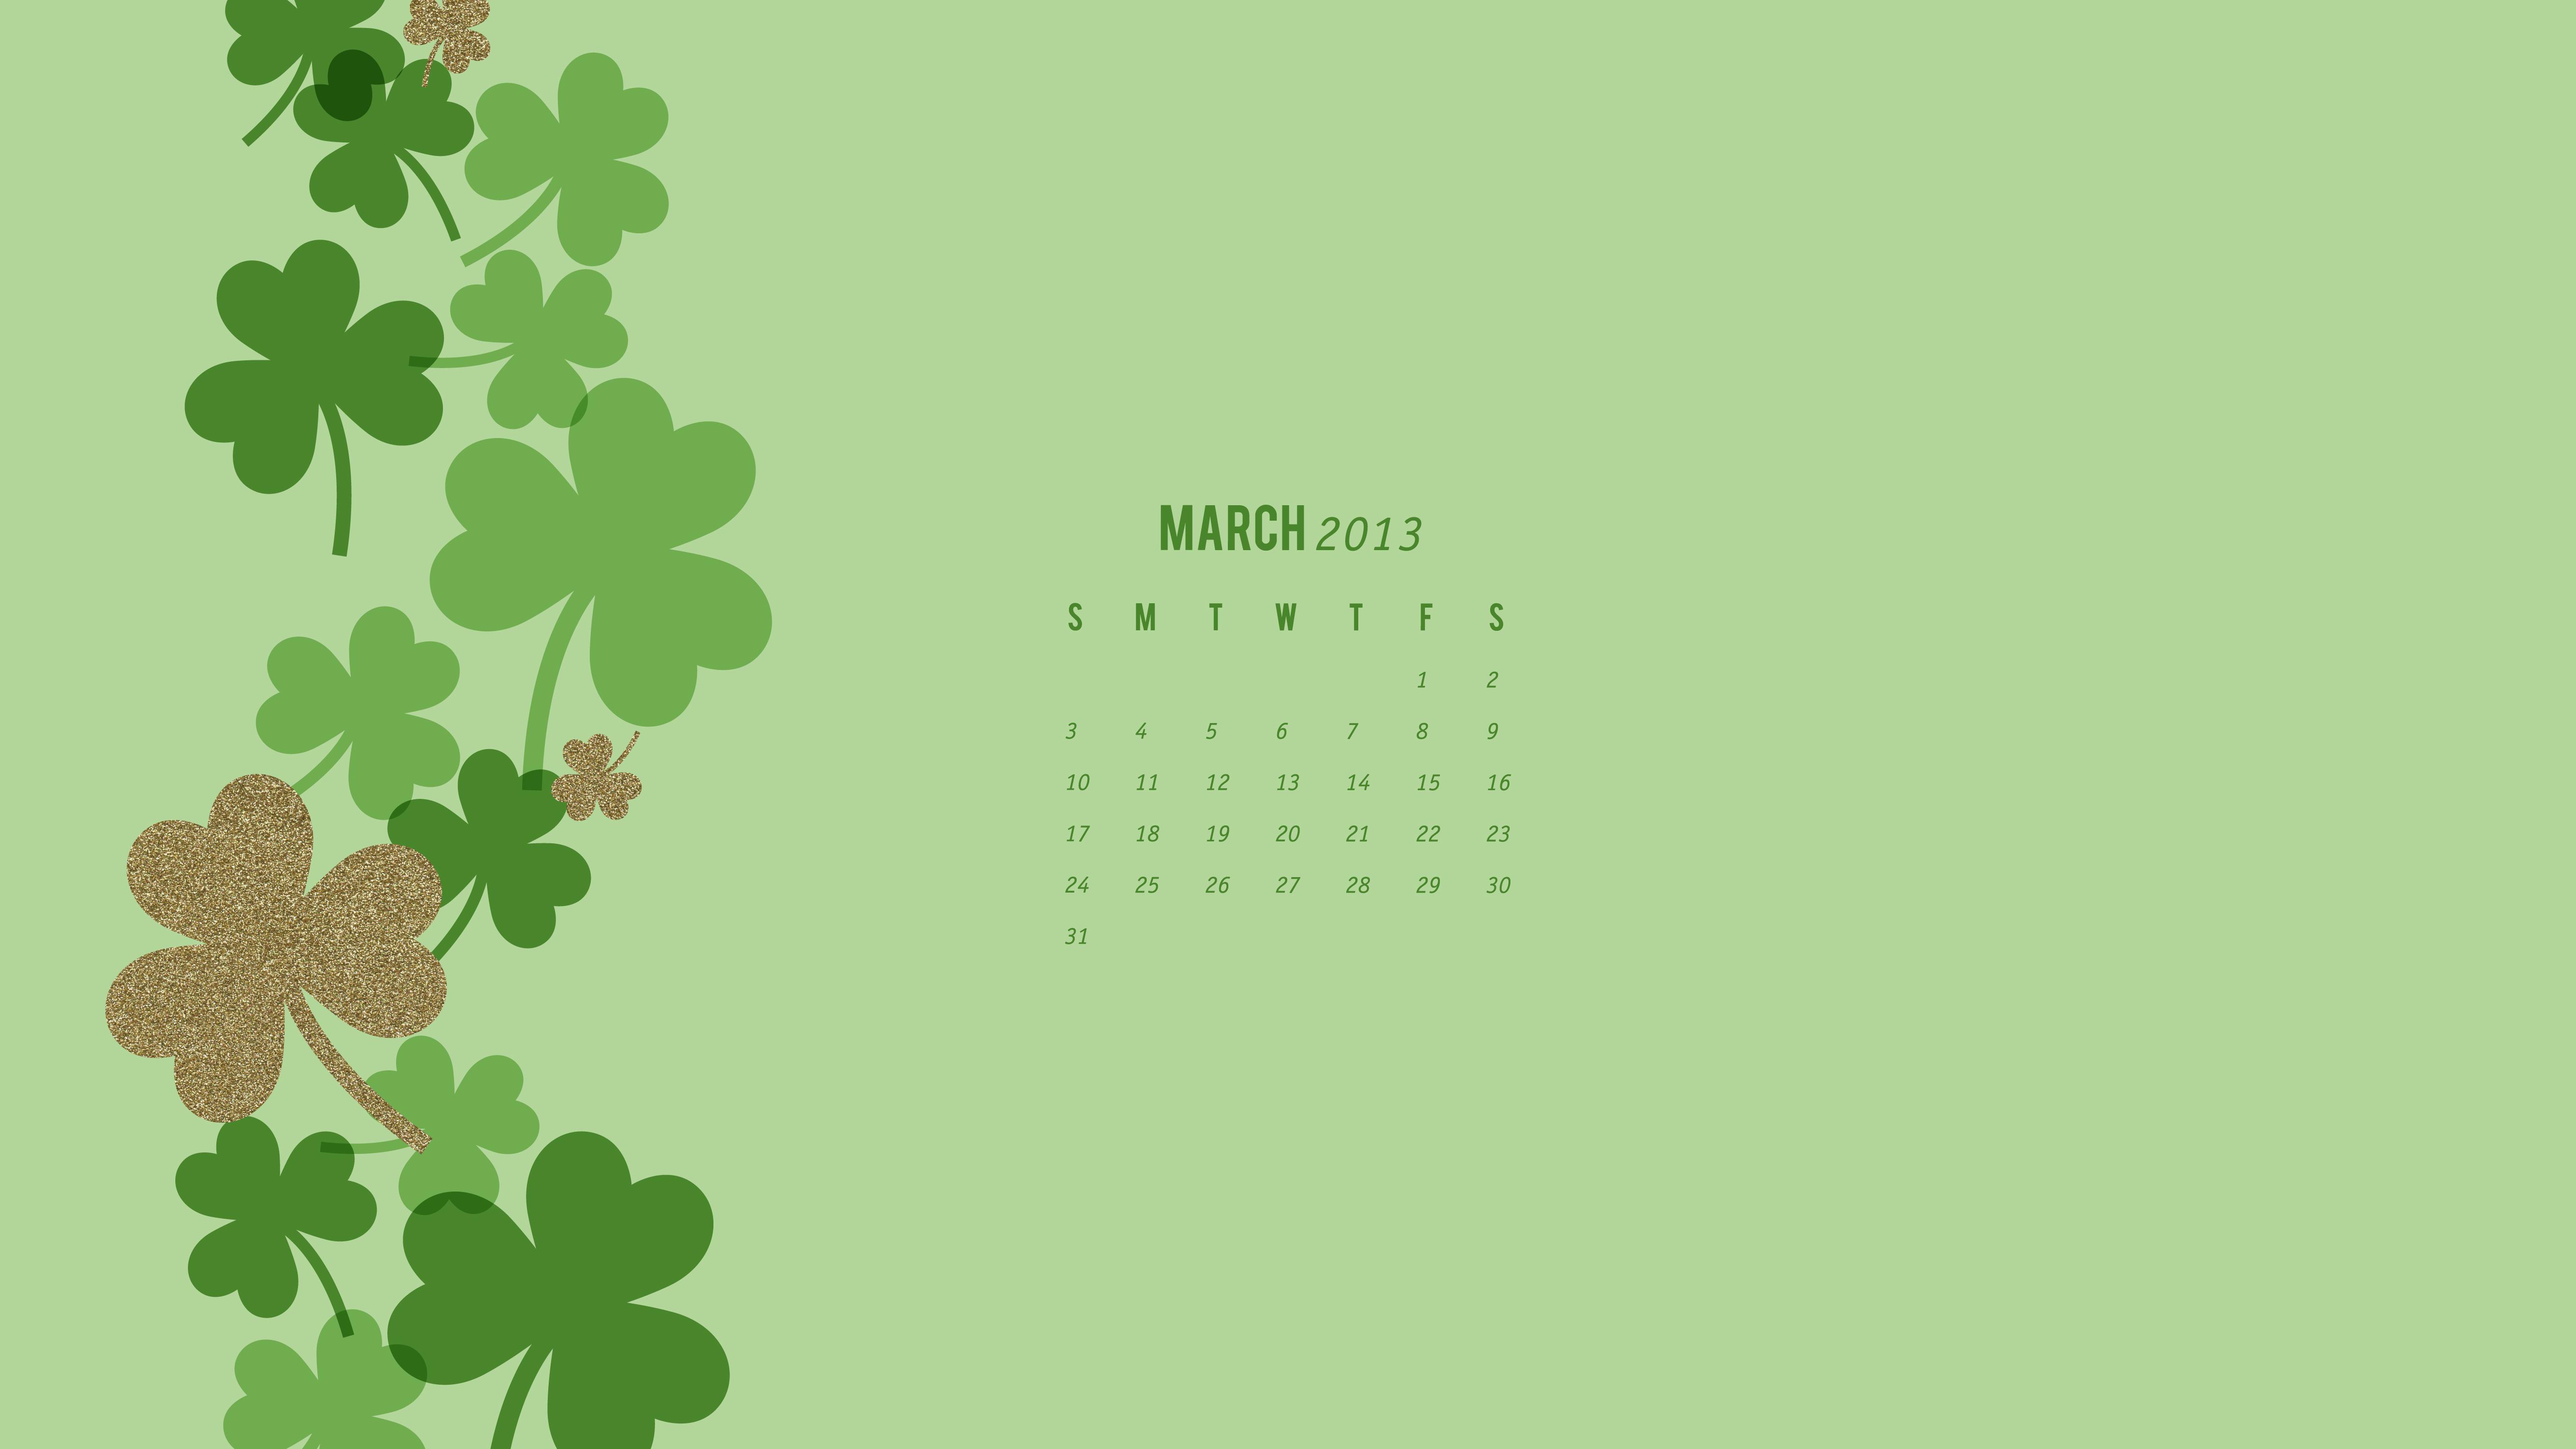 March 2013 Calendar Wallpaper